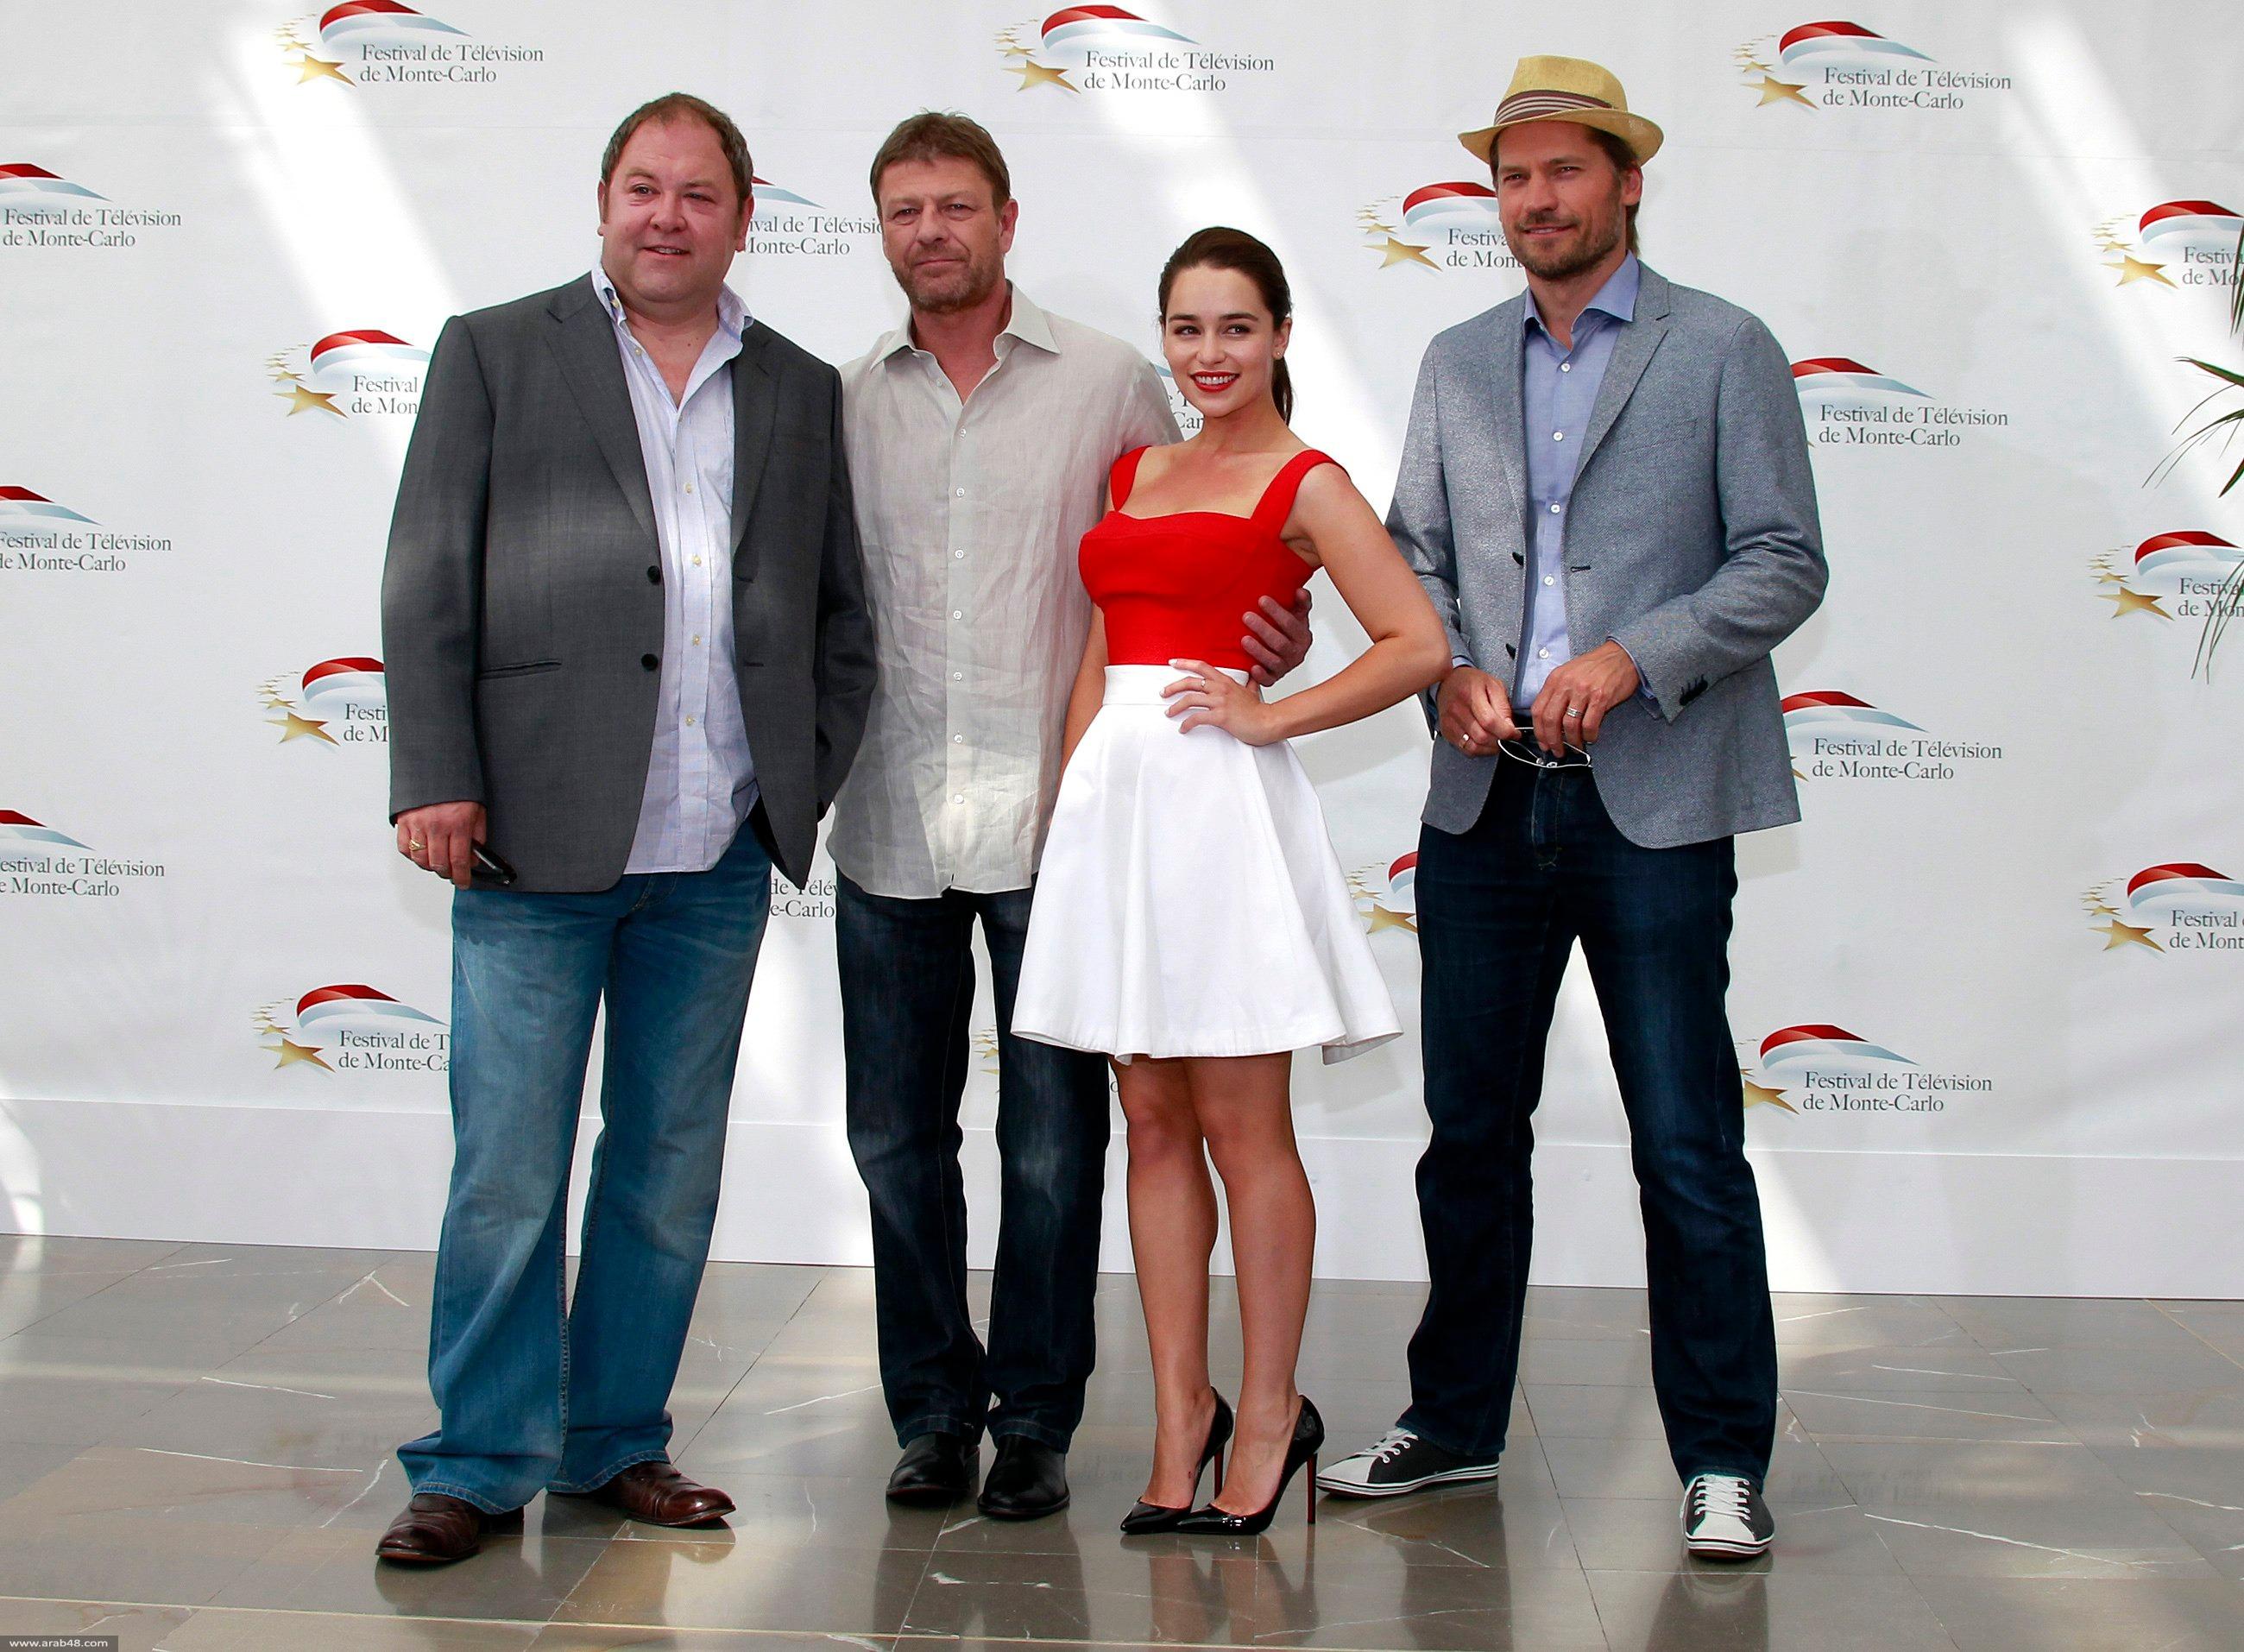 """مسلسل """"جيم أوف ثرونز"""" يتصدر الترشحات لجوائز إيمي"""